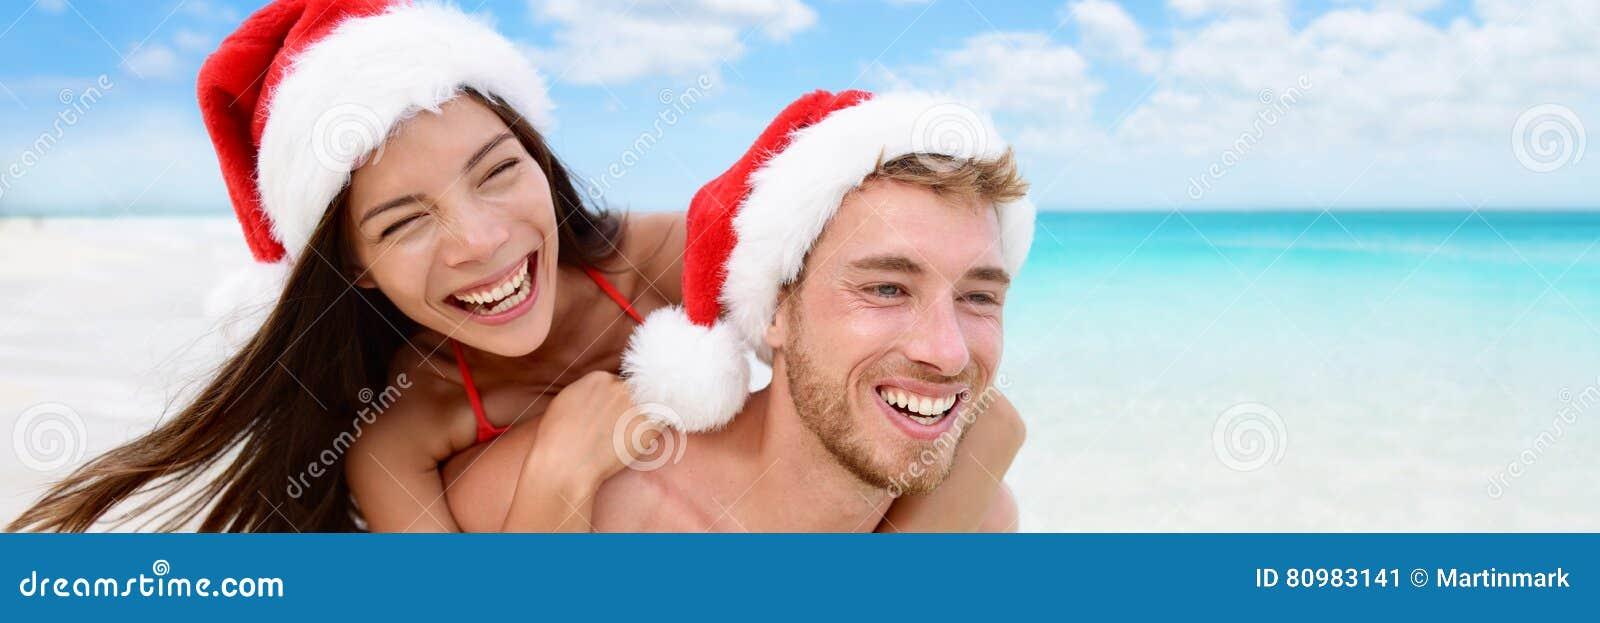 La mujer y el hombre del día de fiesta de la feliz Navidad juntan la bandera